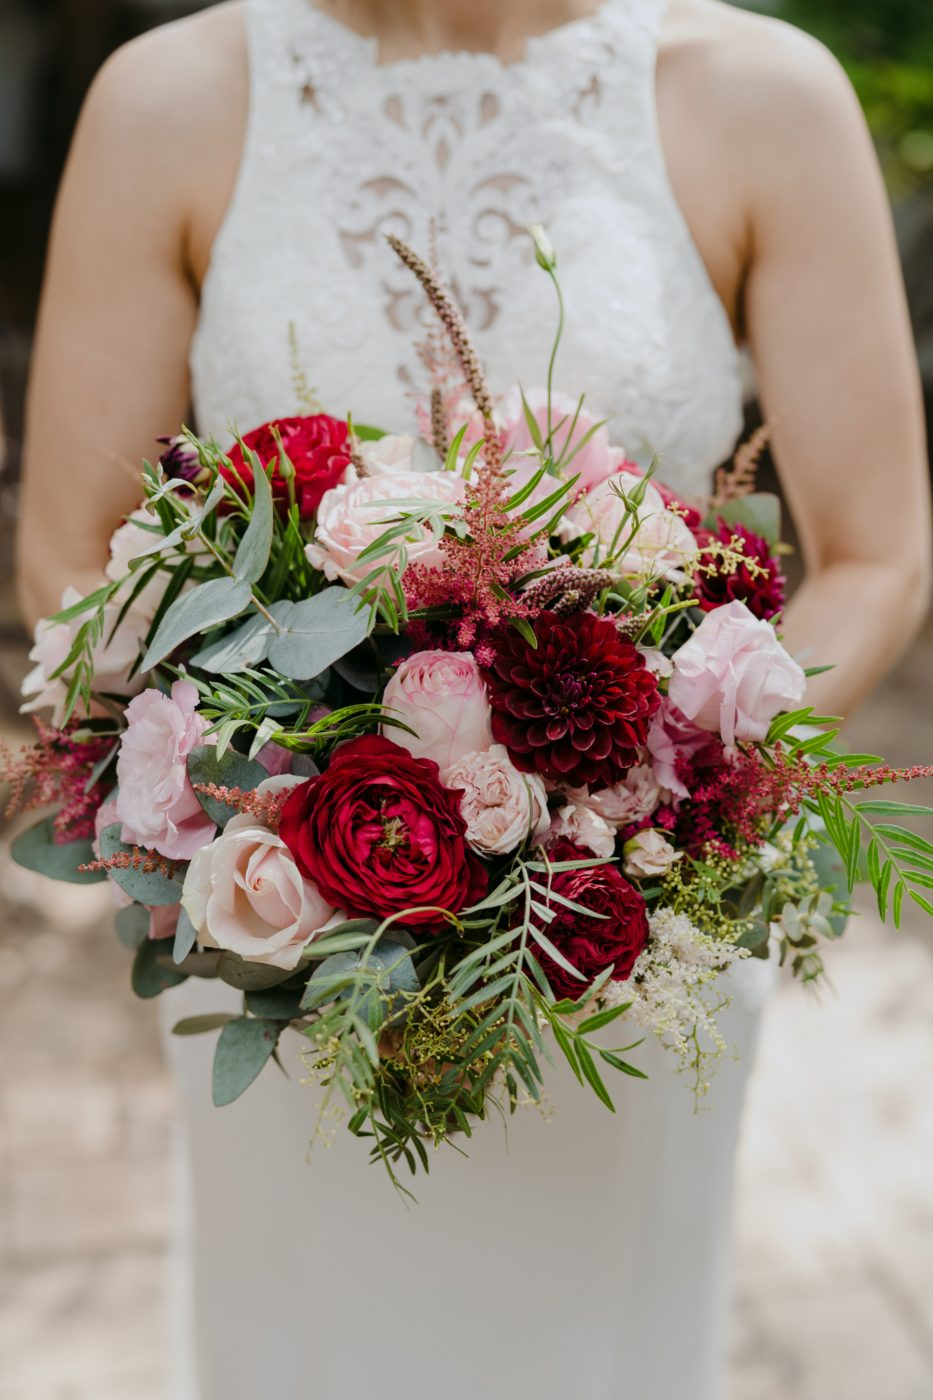 debbie-oneill-melbourrne-wedding-flowers-94